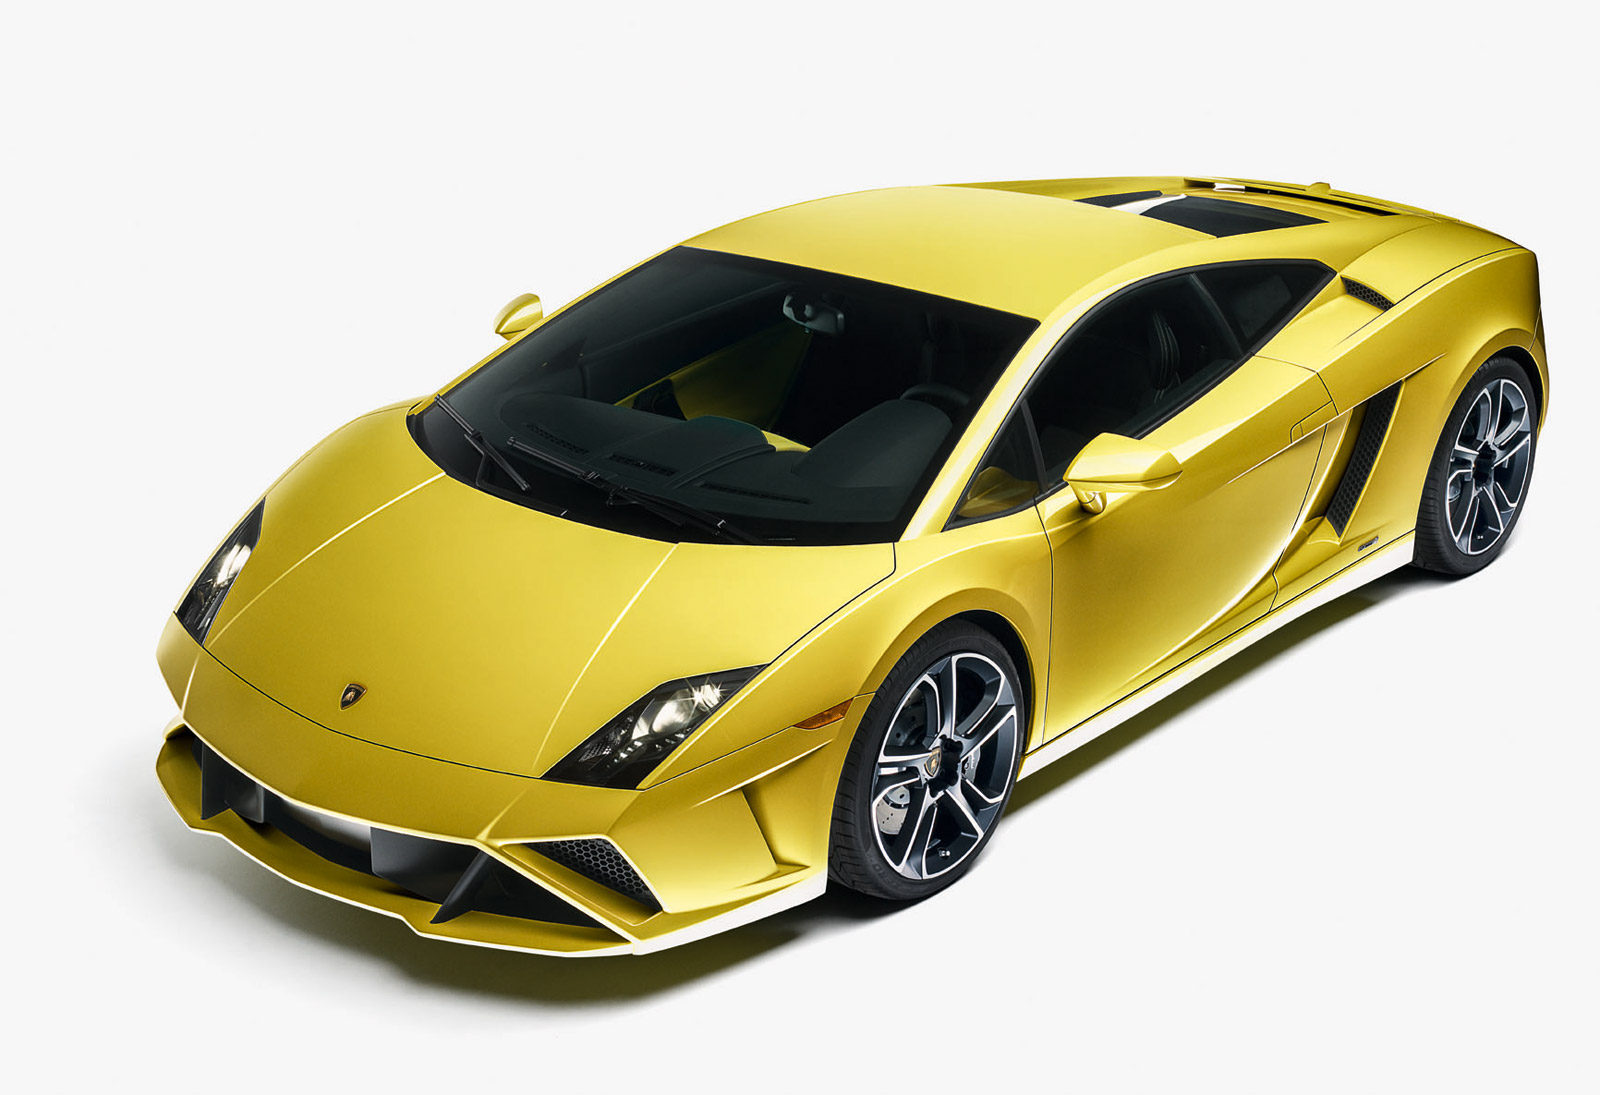 2013 Lamborghini Gallardo Preview New Styling And Edizione Tecnica